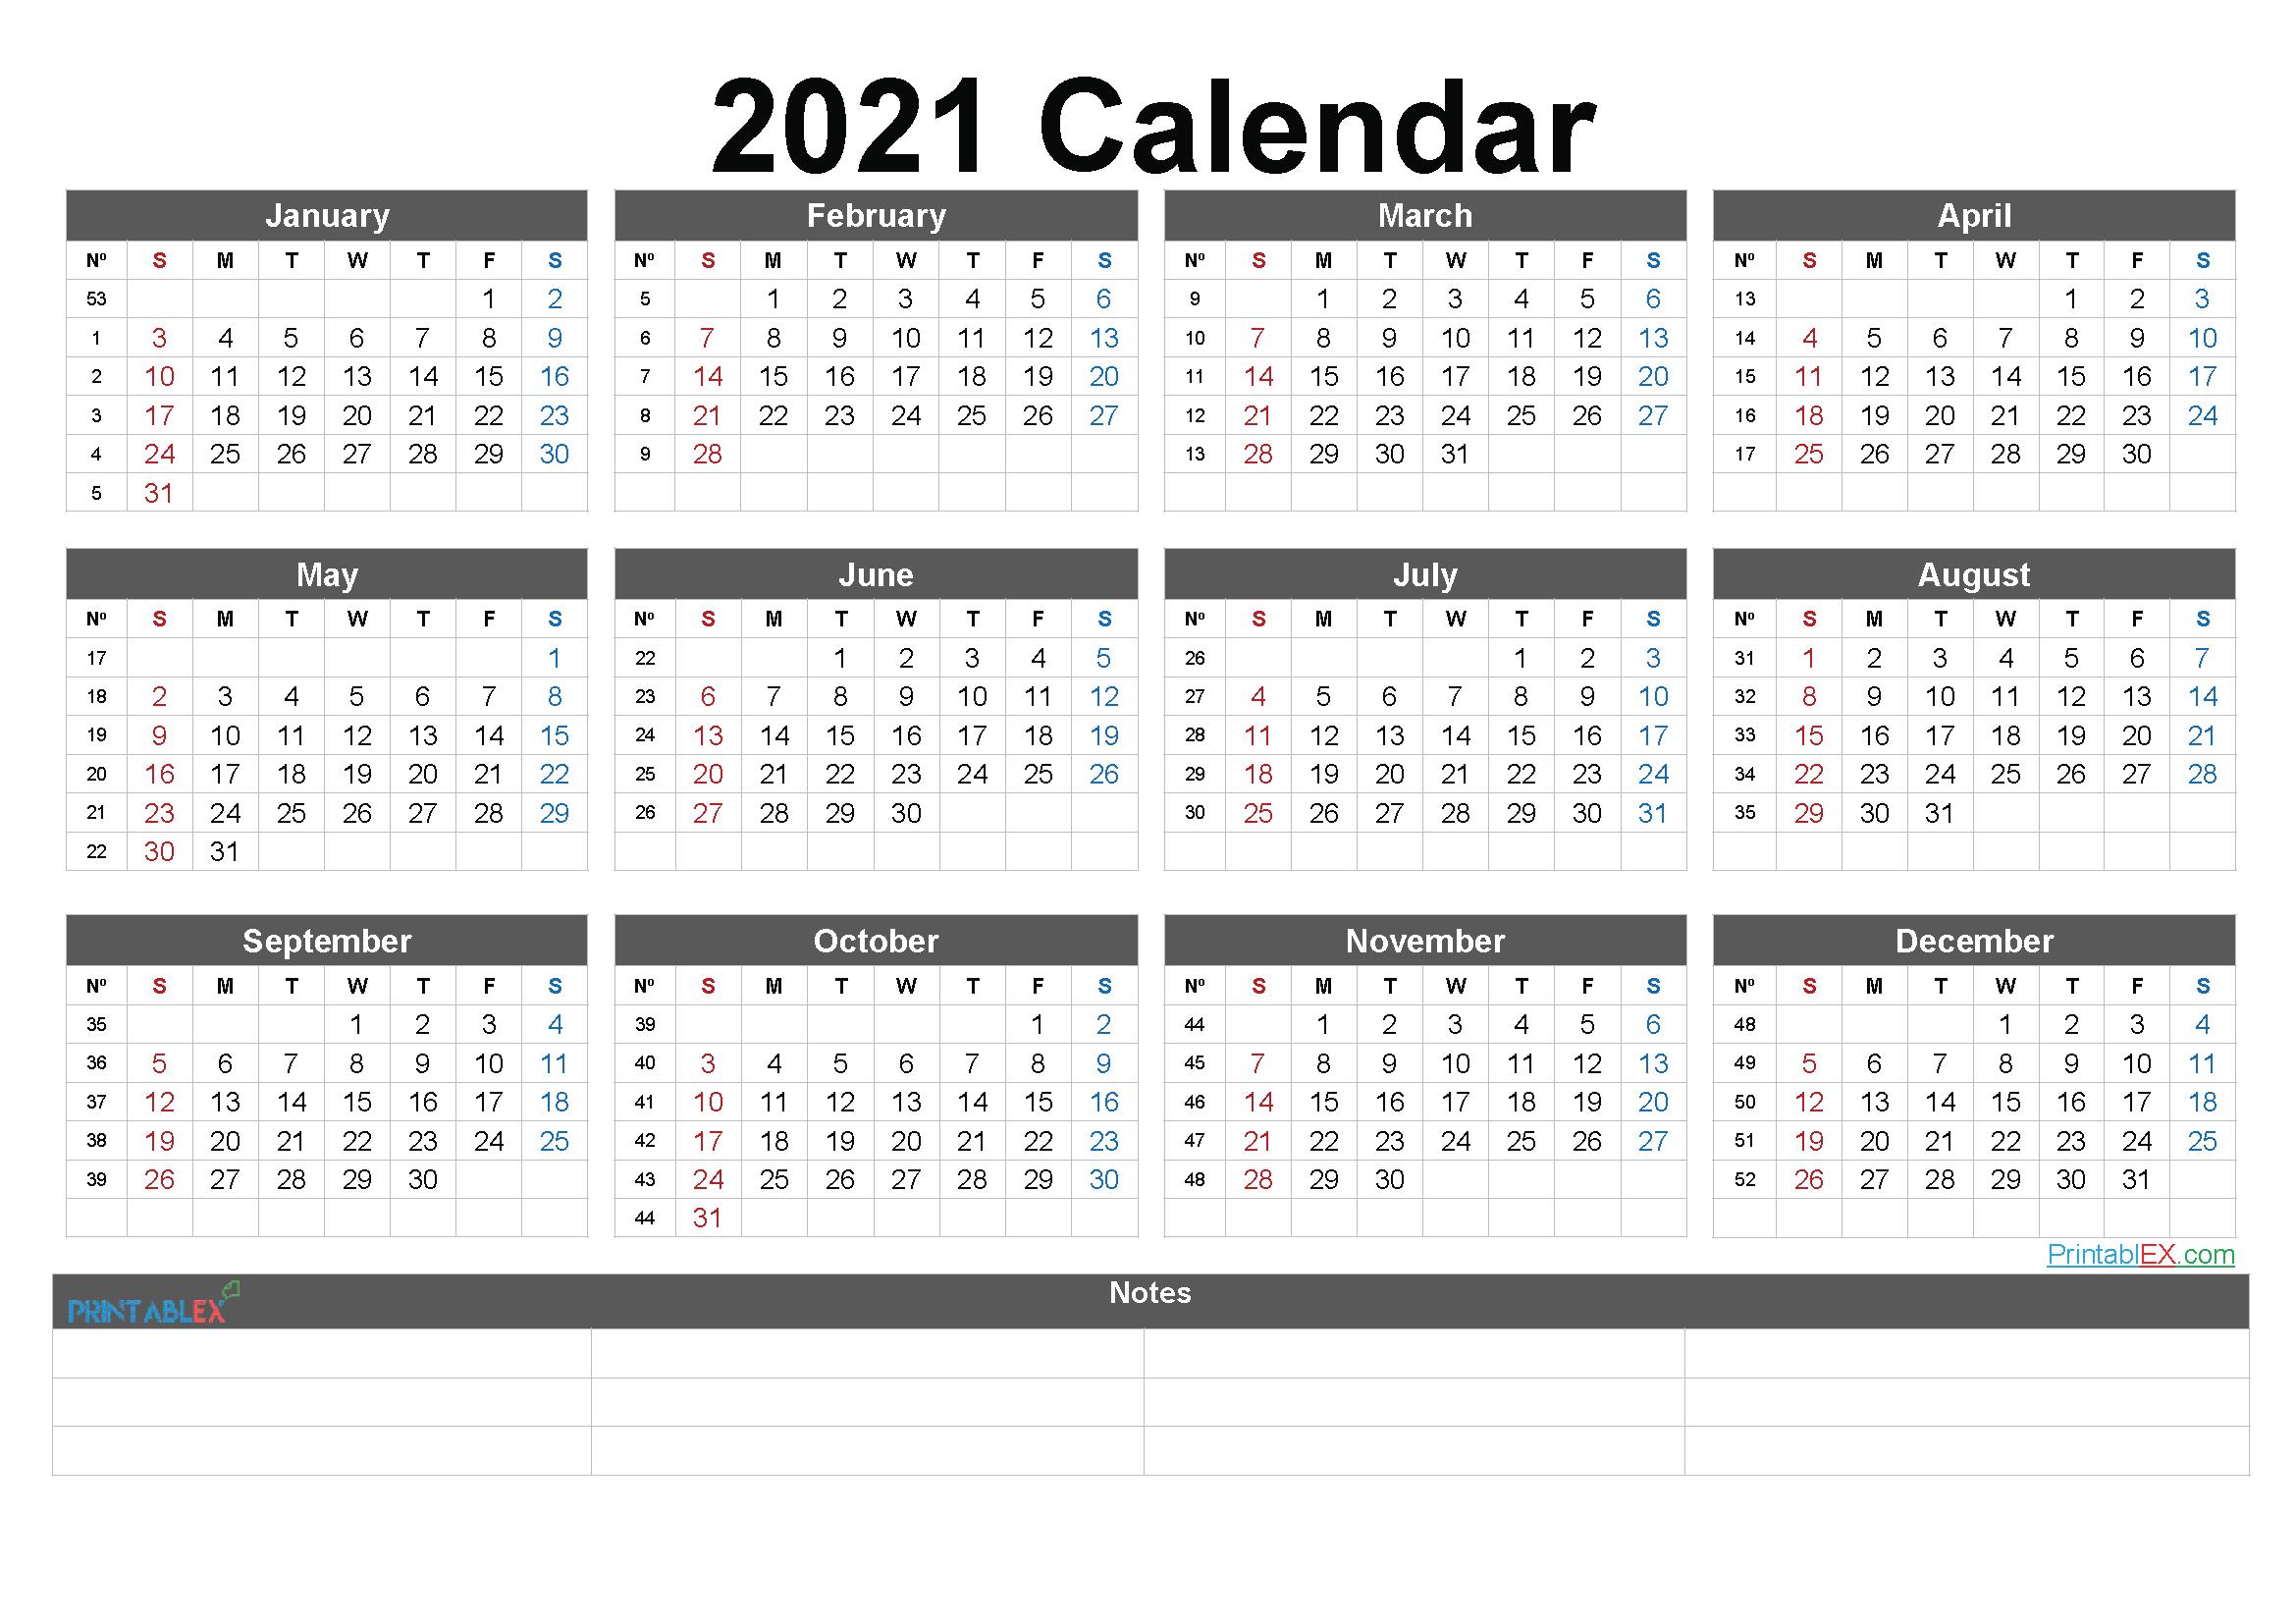 2021 Printable Yearly Calendar With Week Numbers regarding Monthly Calendar By Week Number 2021